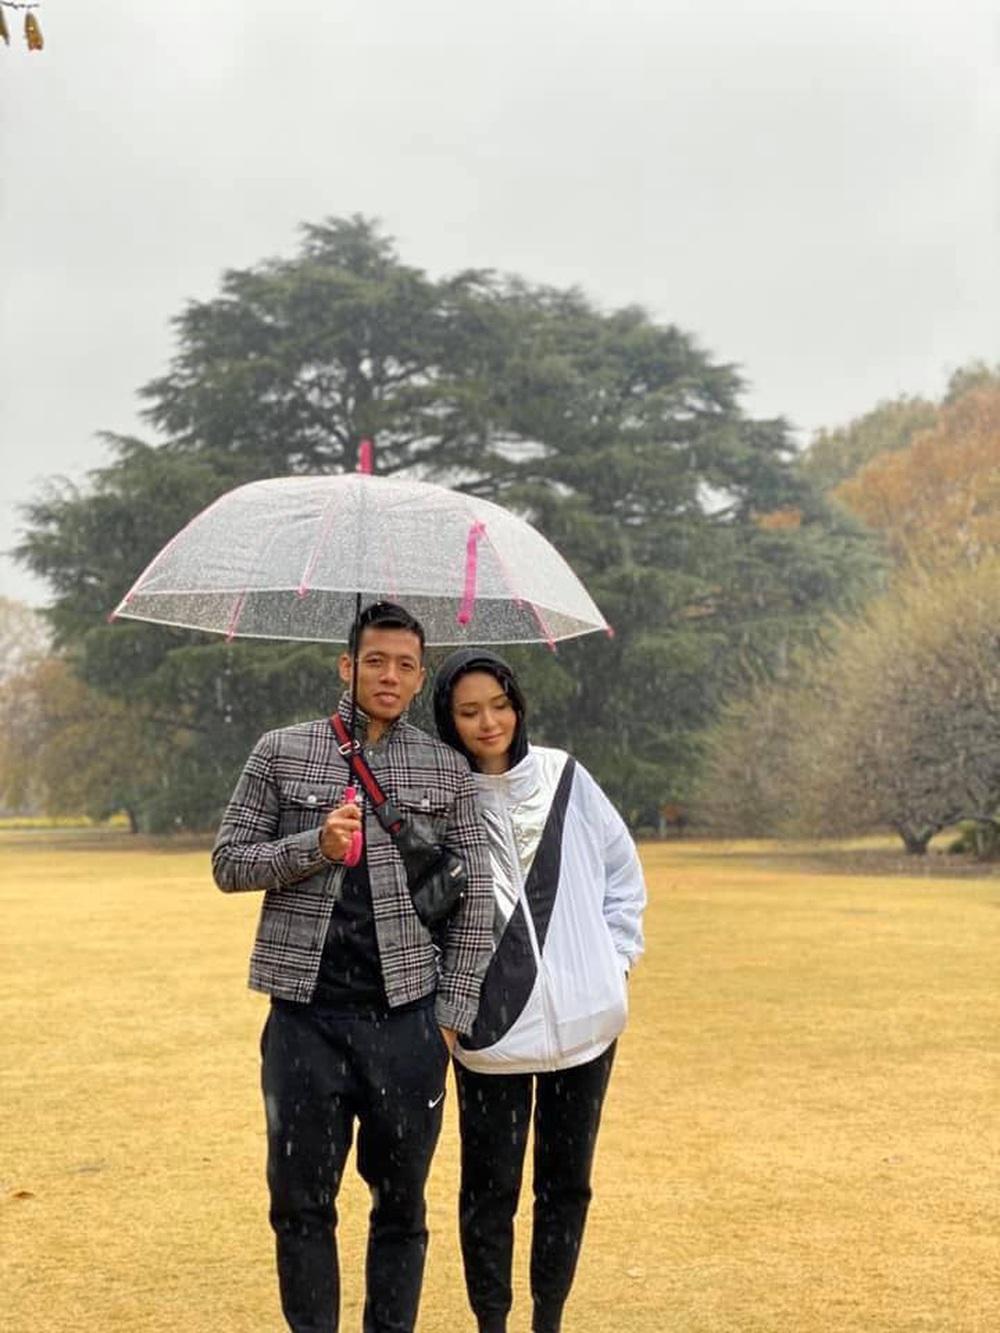 Đám hỏi Duy Mạnh - Quỳnh Anh: Cô dâu chú rể cảm ơn quan khách, kết thúc buổi lễ vất vả nhưng đầy hạnh phúc - Ảnh 14.